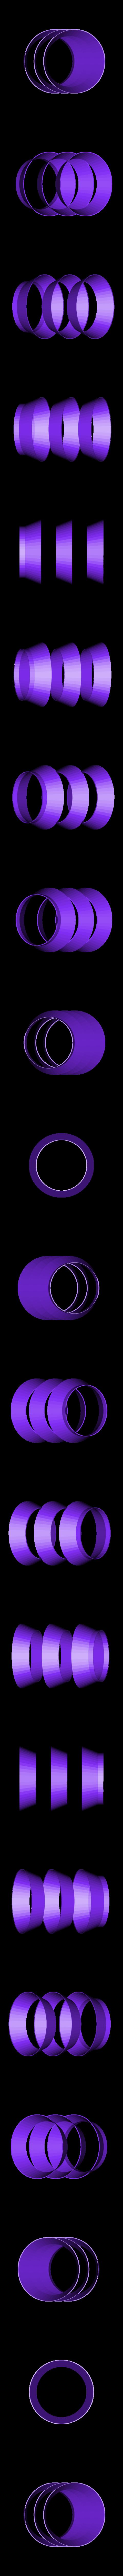 Koselig_Part_2.stl Télécharger fichier STL gratuit Koselig • Objet imprimable en 3D, MosaicManufacturing